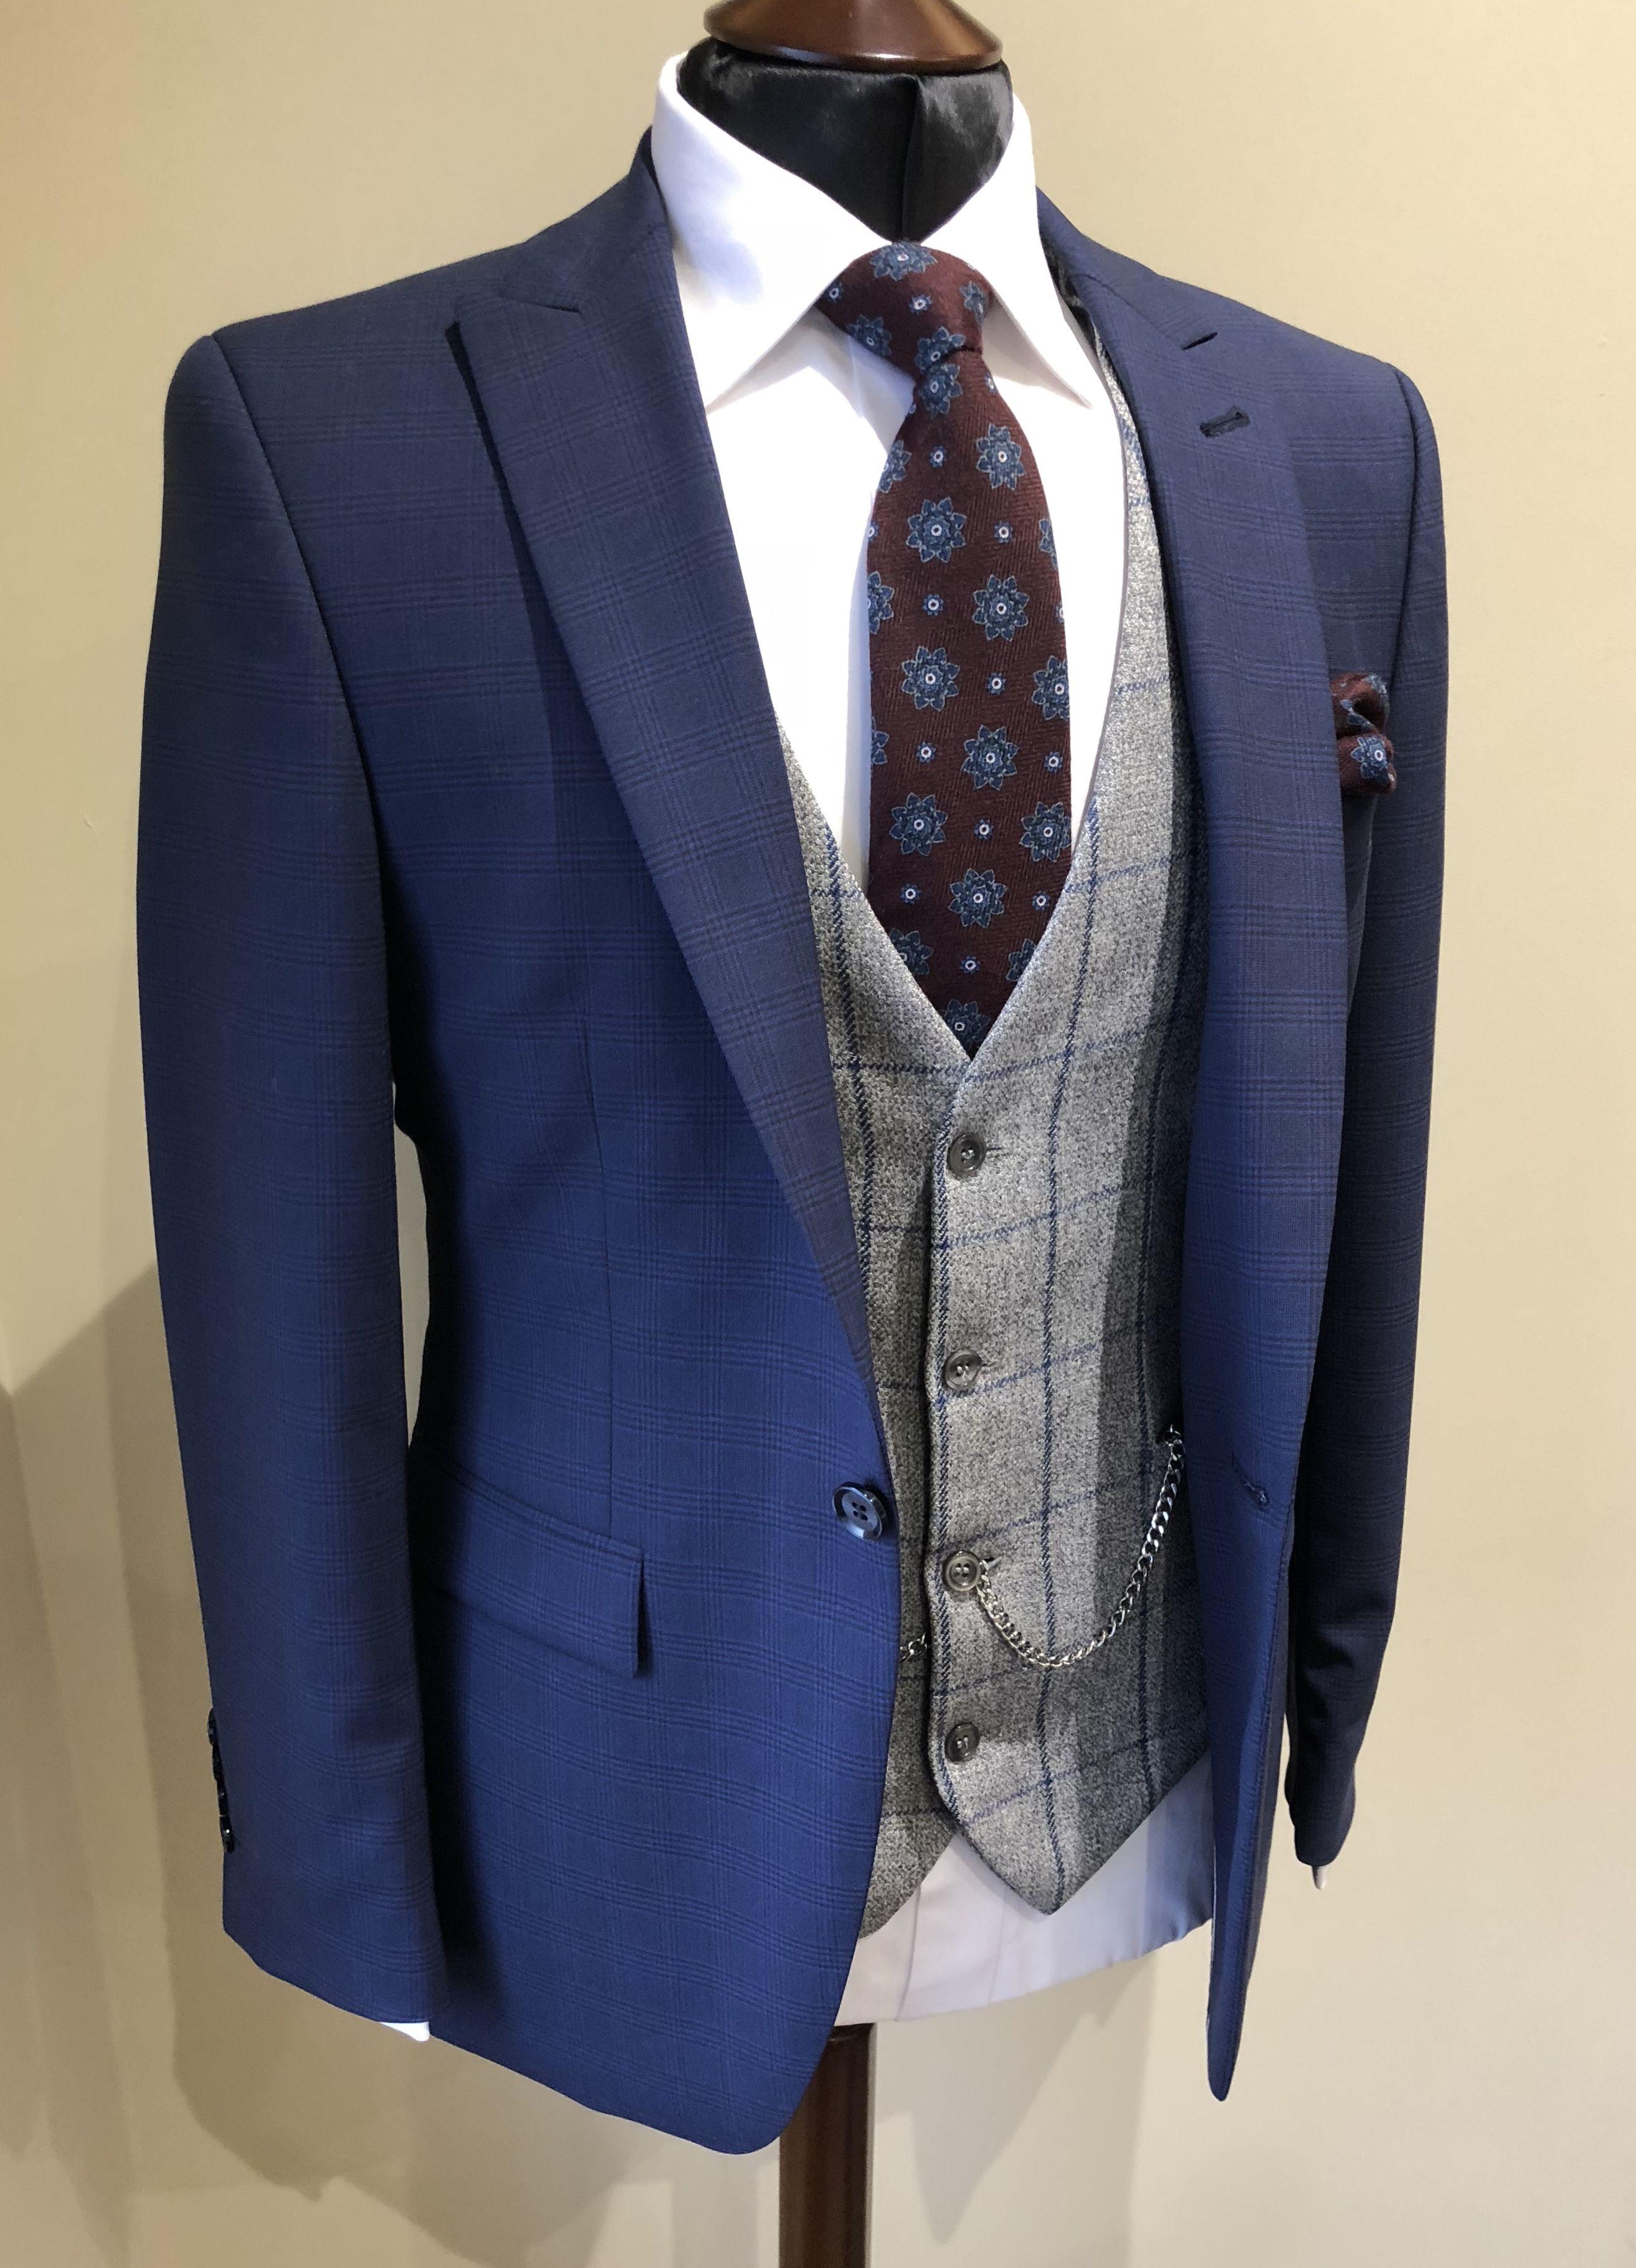 Slim fit Blue check suit grey tweed waistcoat groom